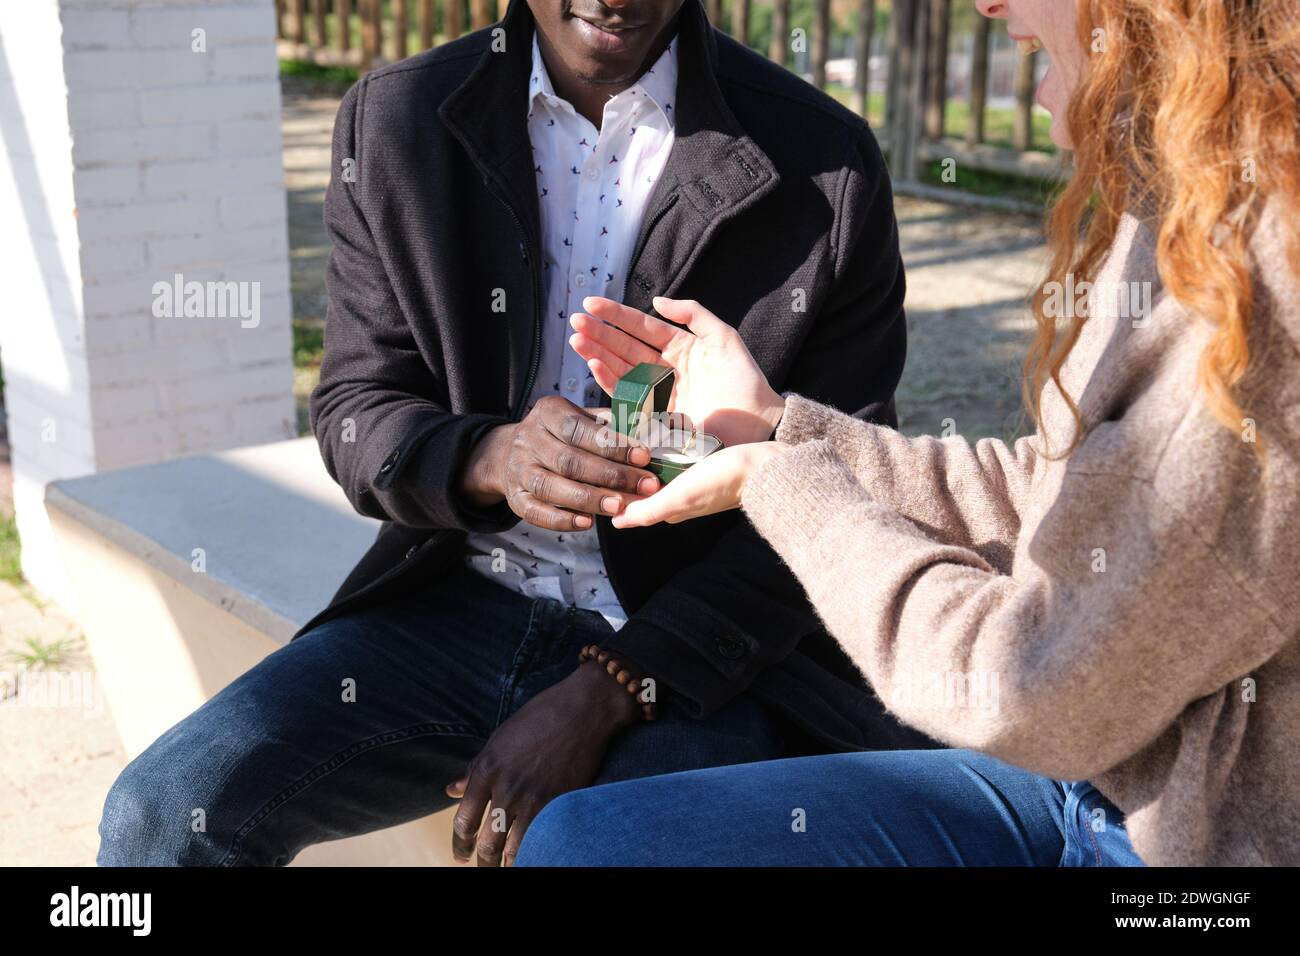 Un hombre negro africano irreconocible que le pide la mano a su novia caucásica de pelirroja. Propuesta de matrimonio. Foto de stock